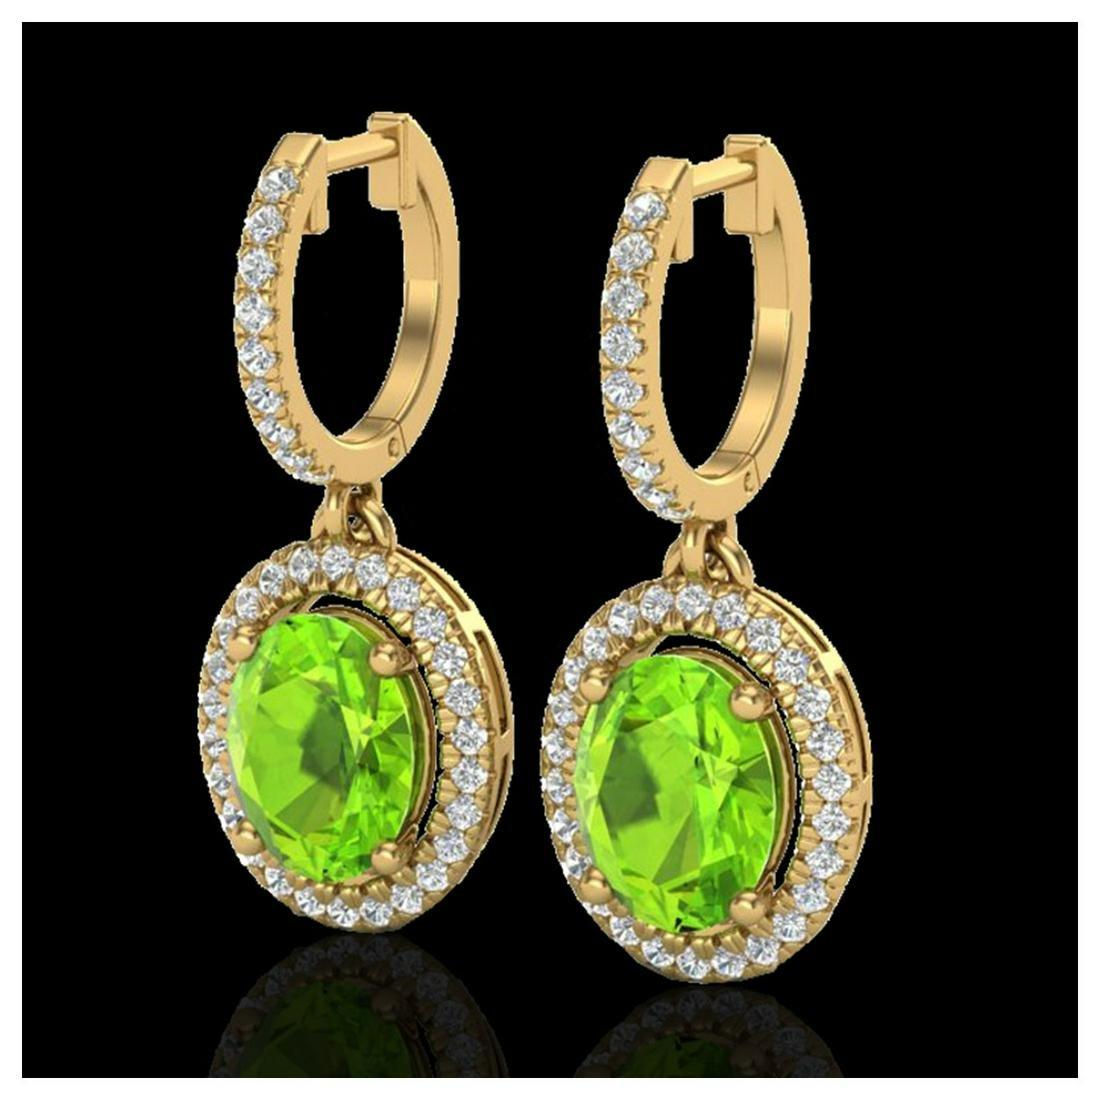 3.75 ctw Peridot & VS/SI Diamond Earrings 18K Yellow